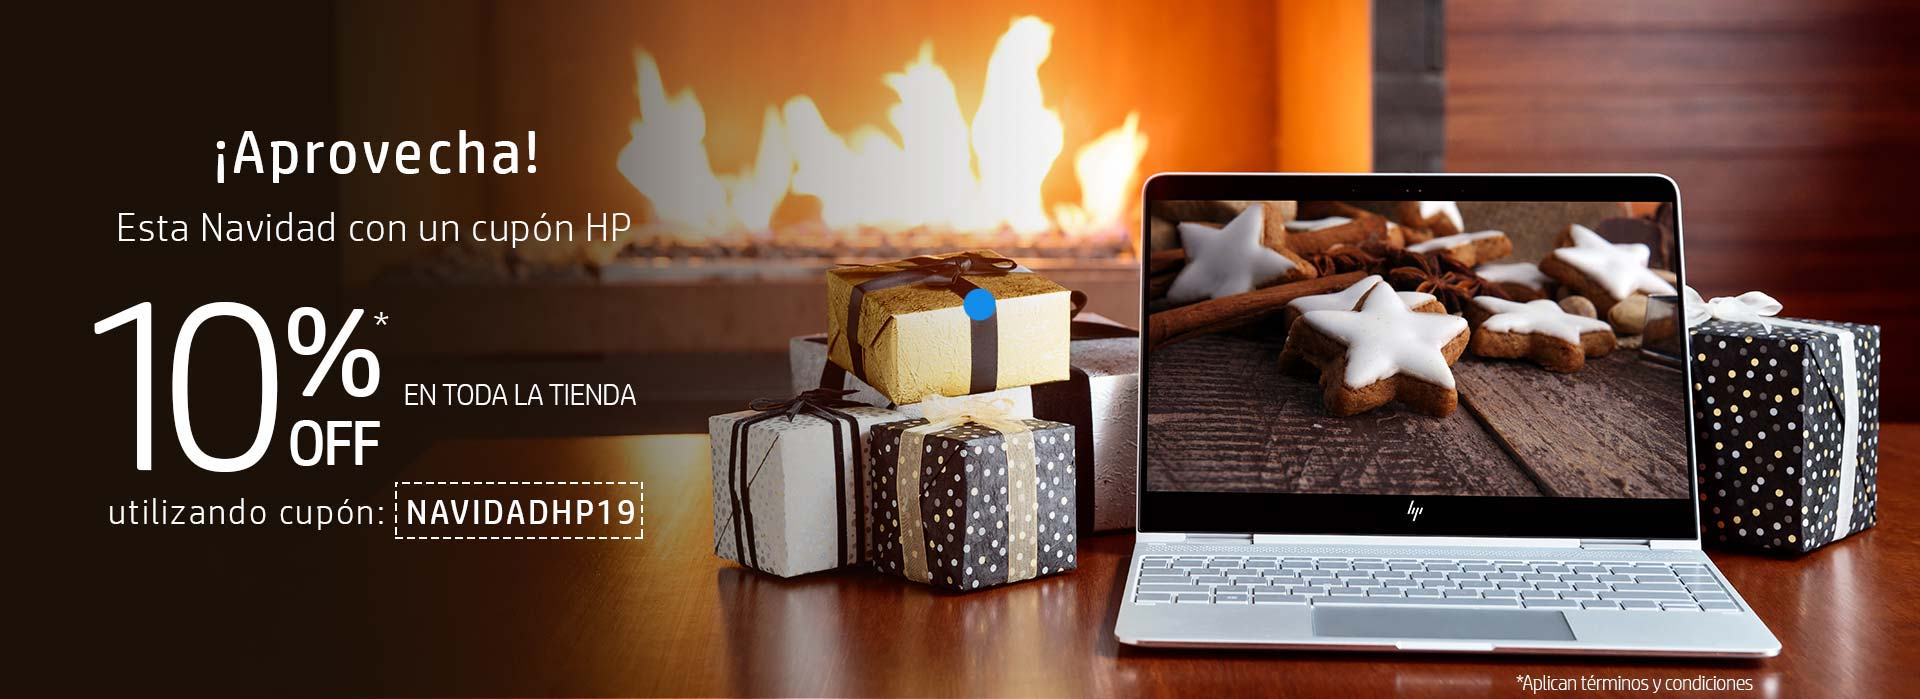 ¡Aprovecha esta navidad con cupón HP! 10% en toda la tienda HP Online Colombia utilizando cupón NAVIDADHP19